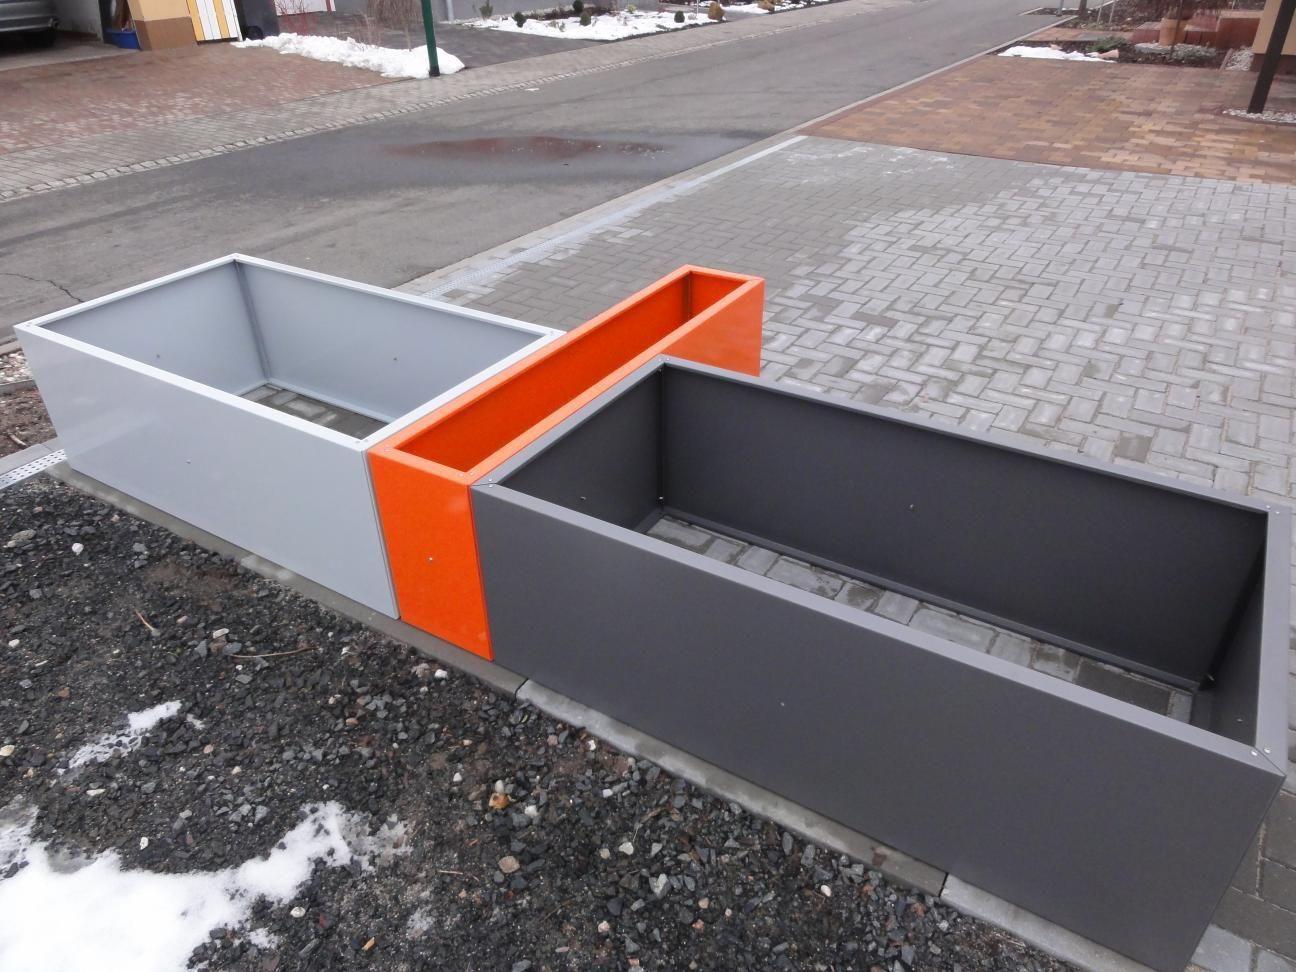 hochbeet urban gardening farbe metall 41 jpg hochbeet pinterest hochbeet g rten und. Black Bedroom Furniture Sets. Home Design Ideas